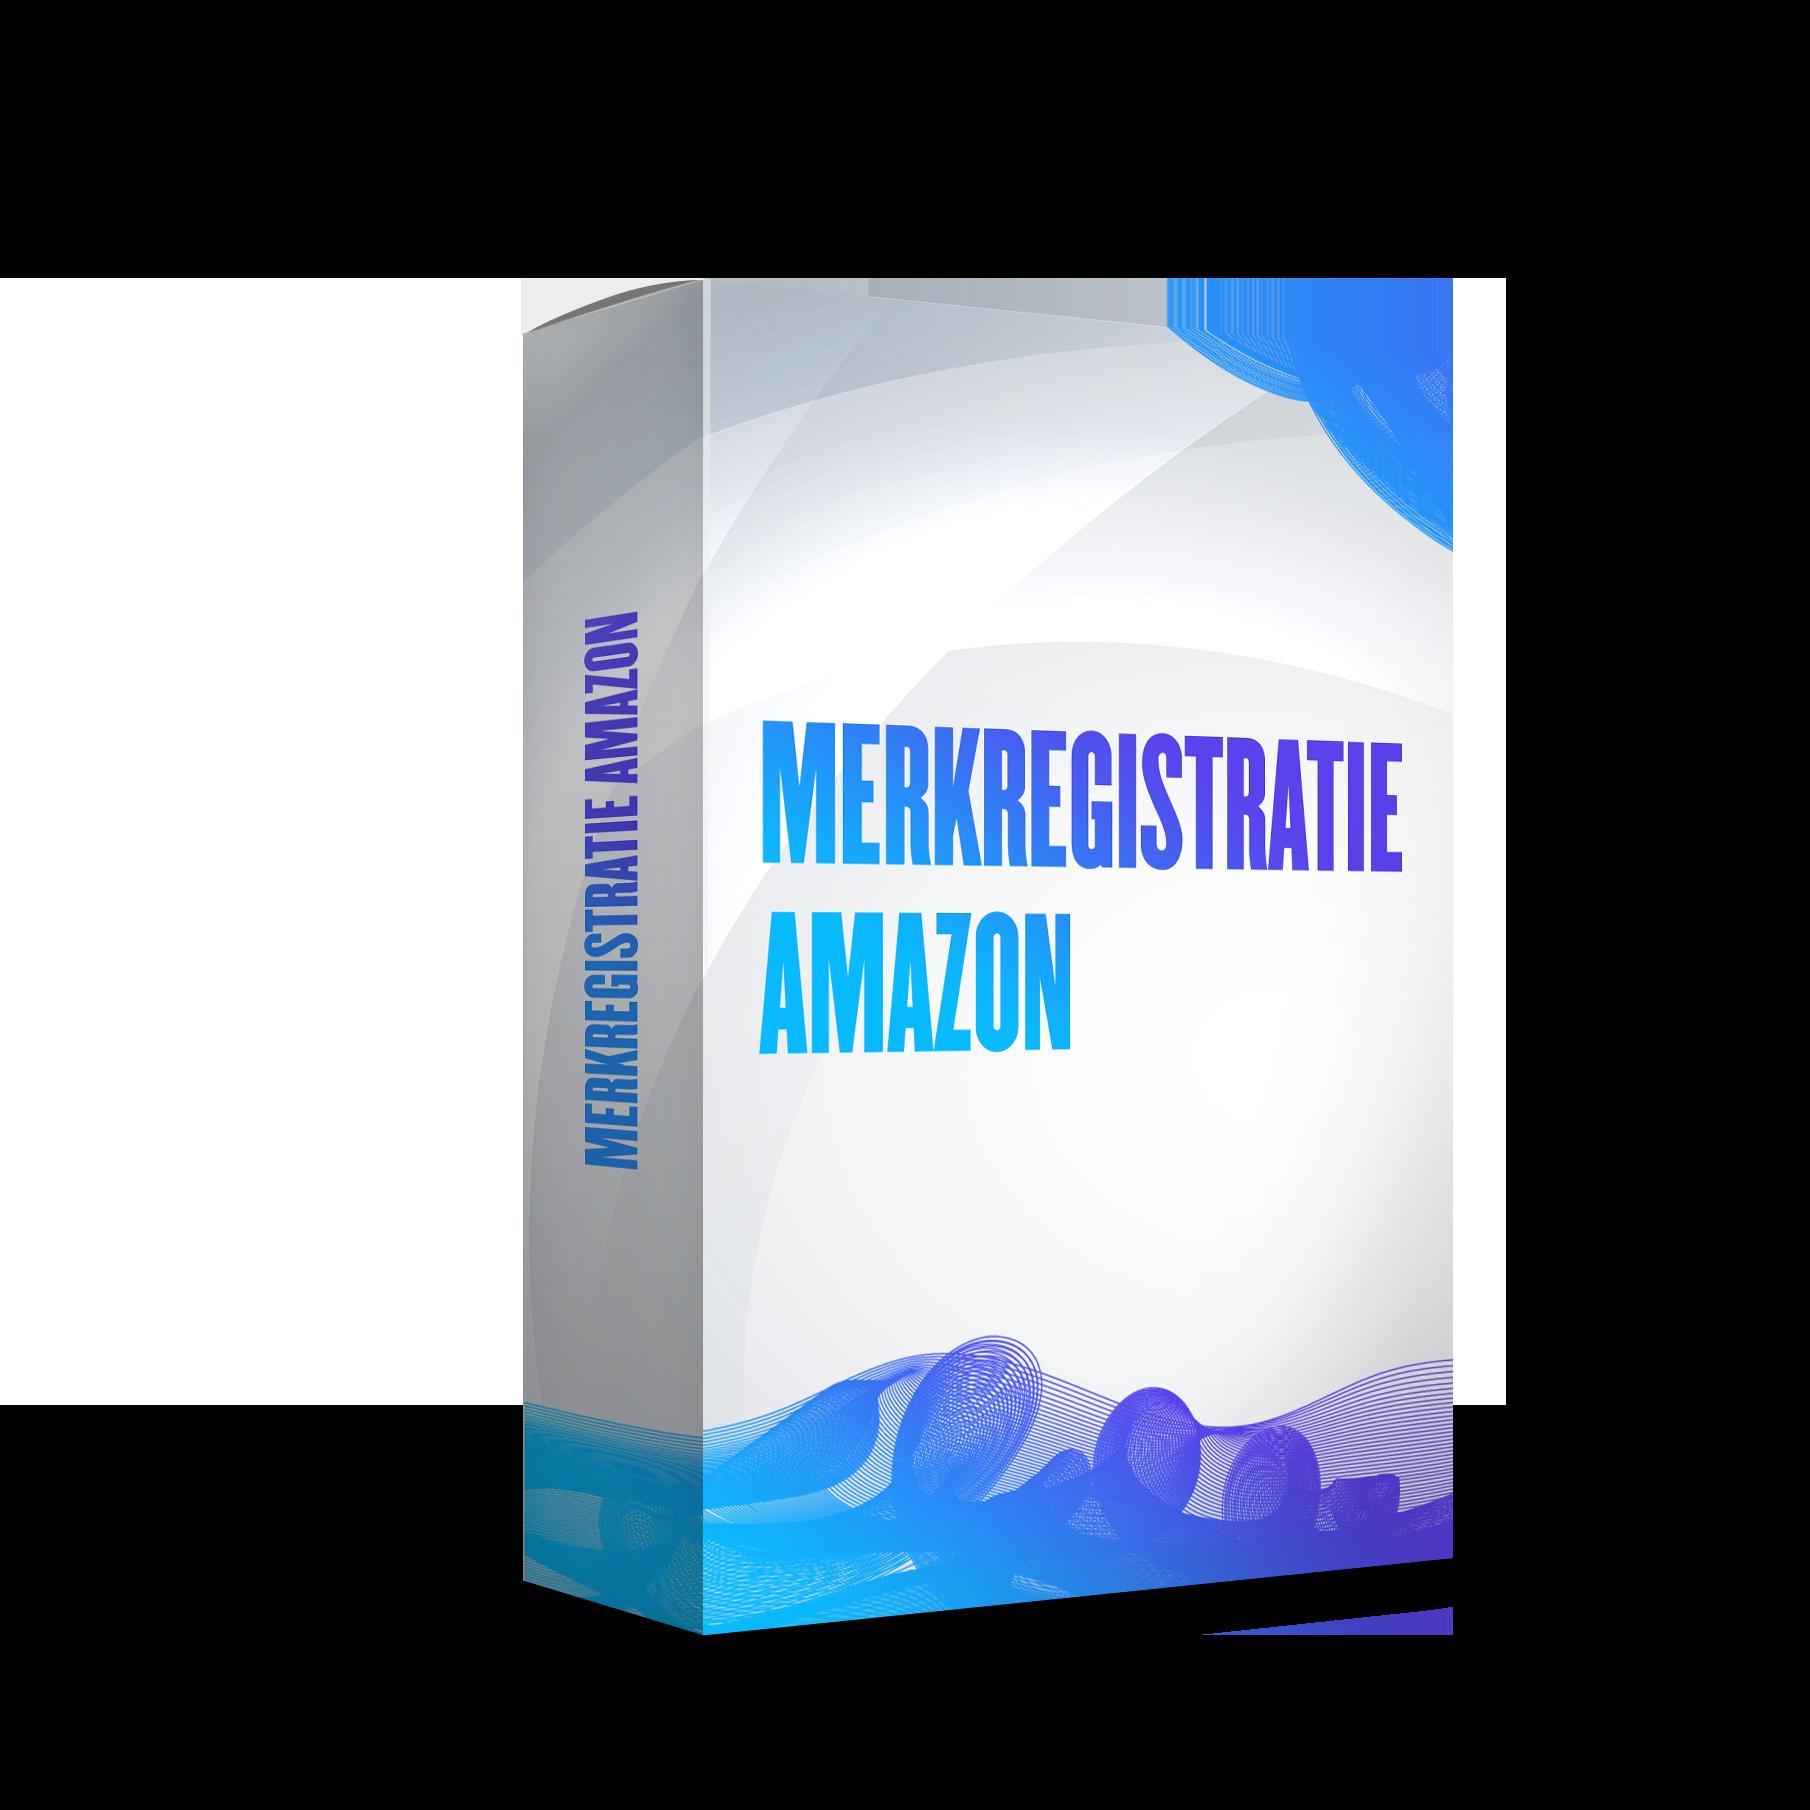 Merkregistratie Amazon